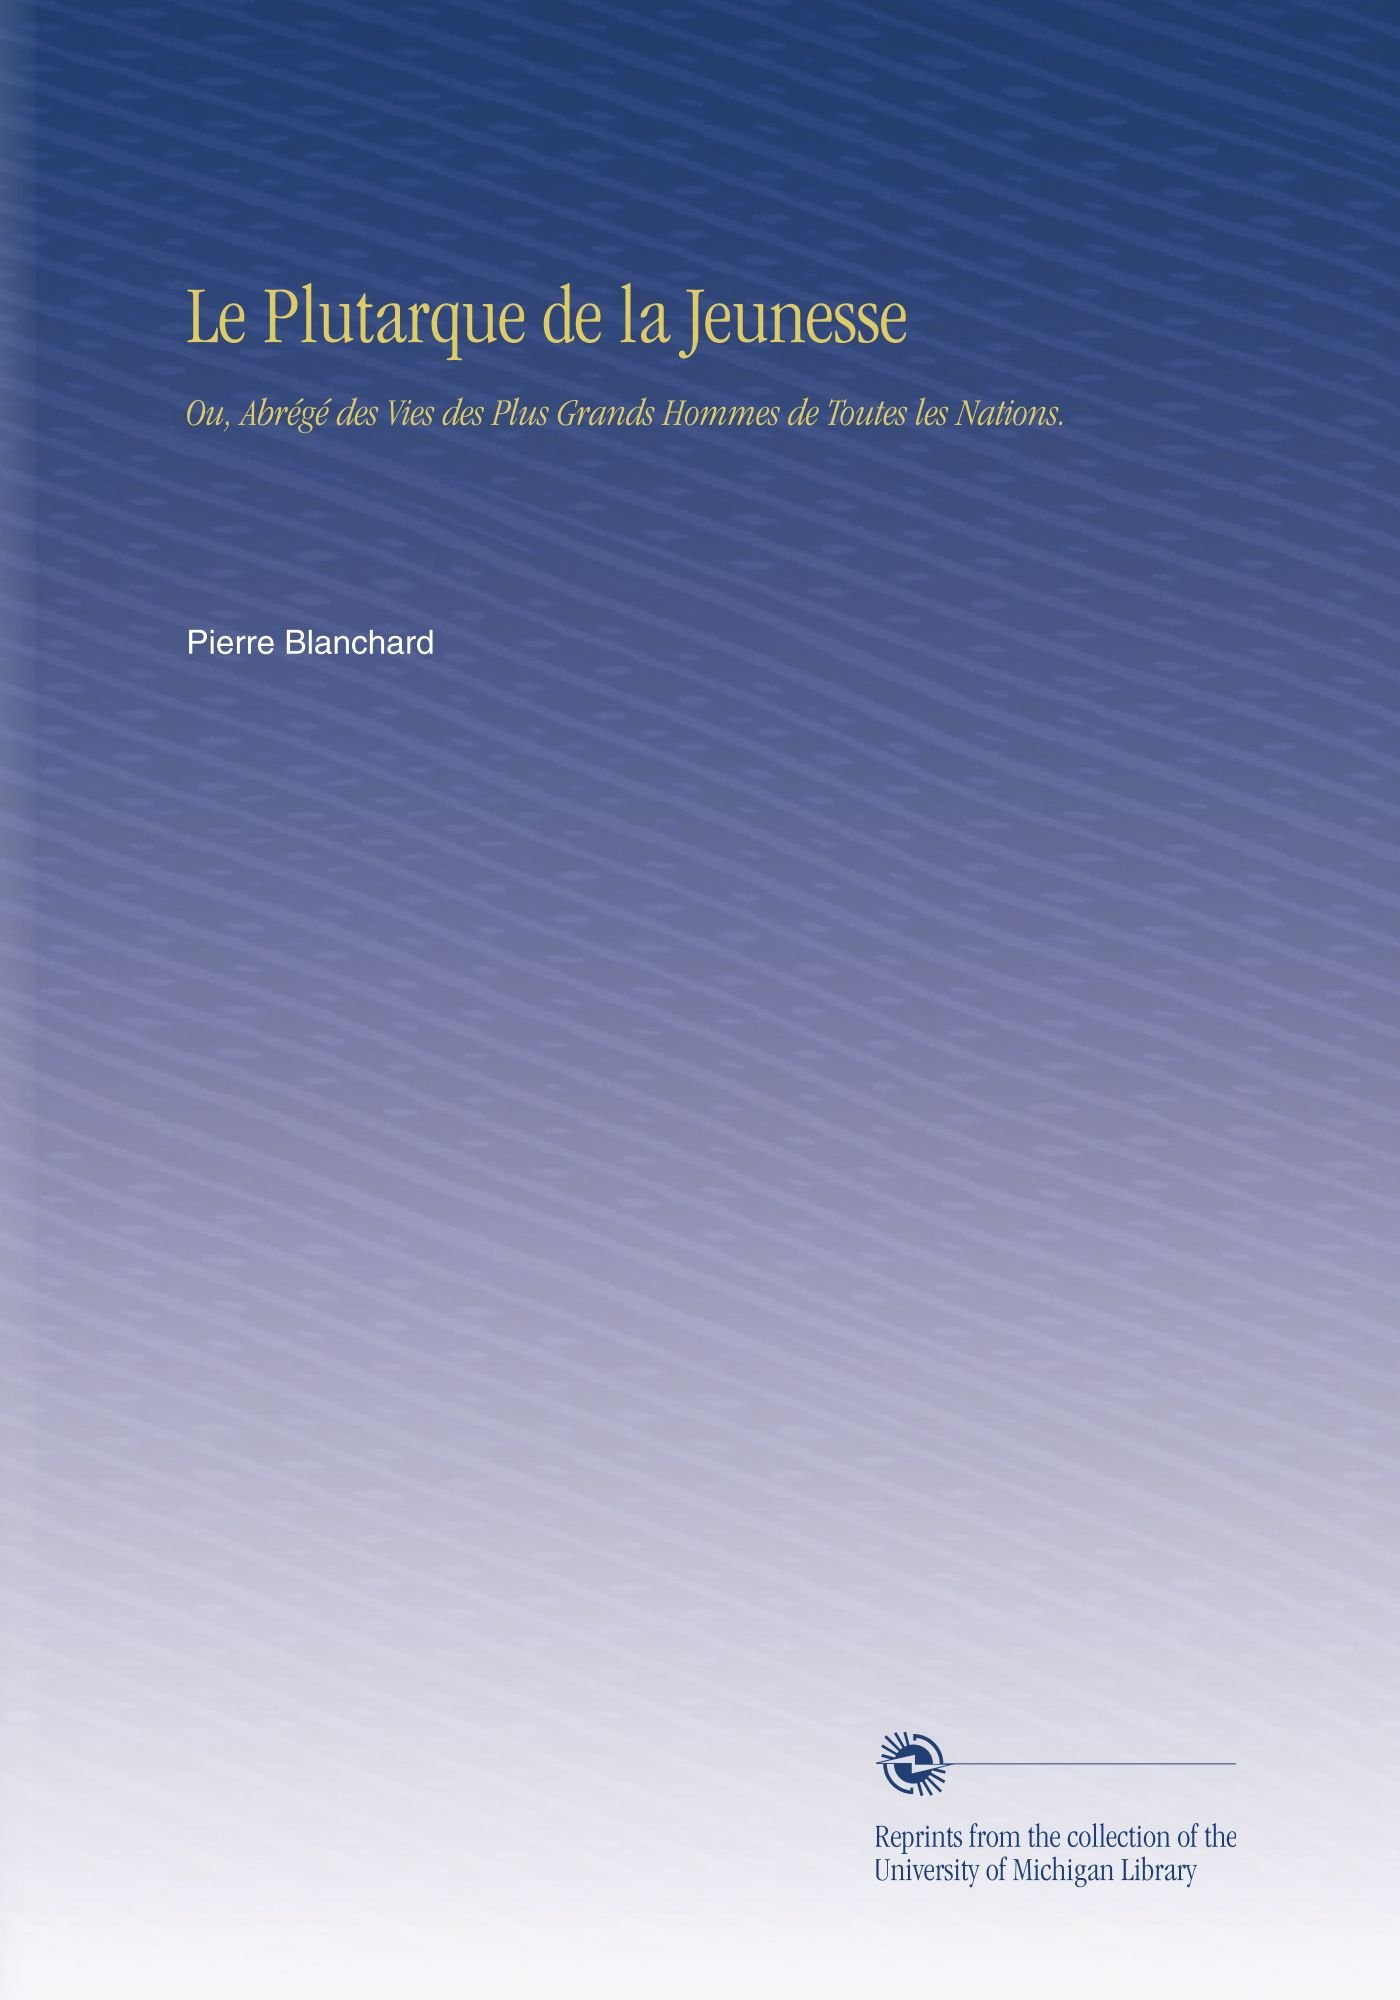 Le Plutarque de la Jeunesse: Ou, Abrégé des Vies des Plus Grands Hommes de Toutes les Nations. (French Edition) ebook